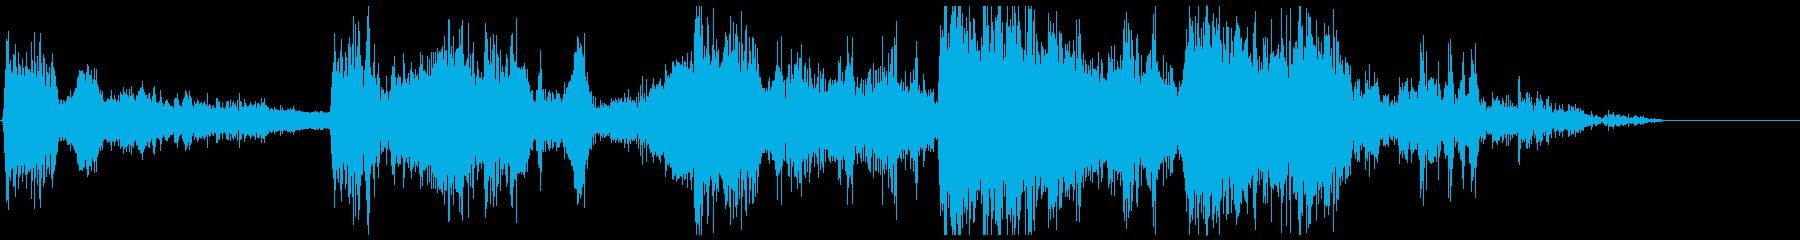 モンスターアクション7の再生済みの波形